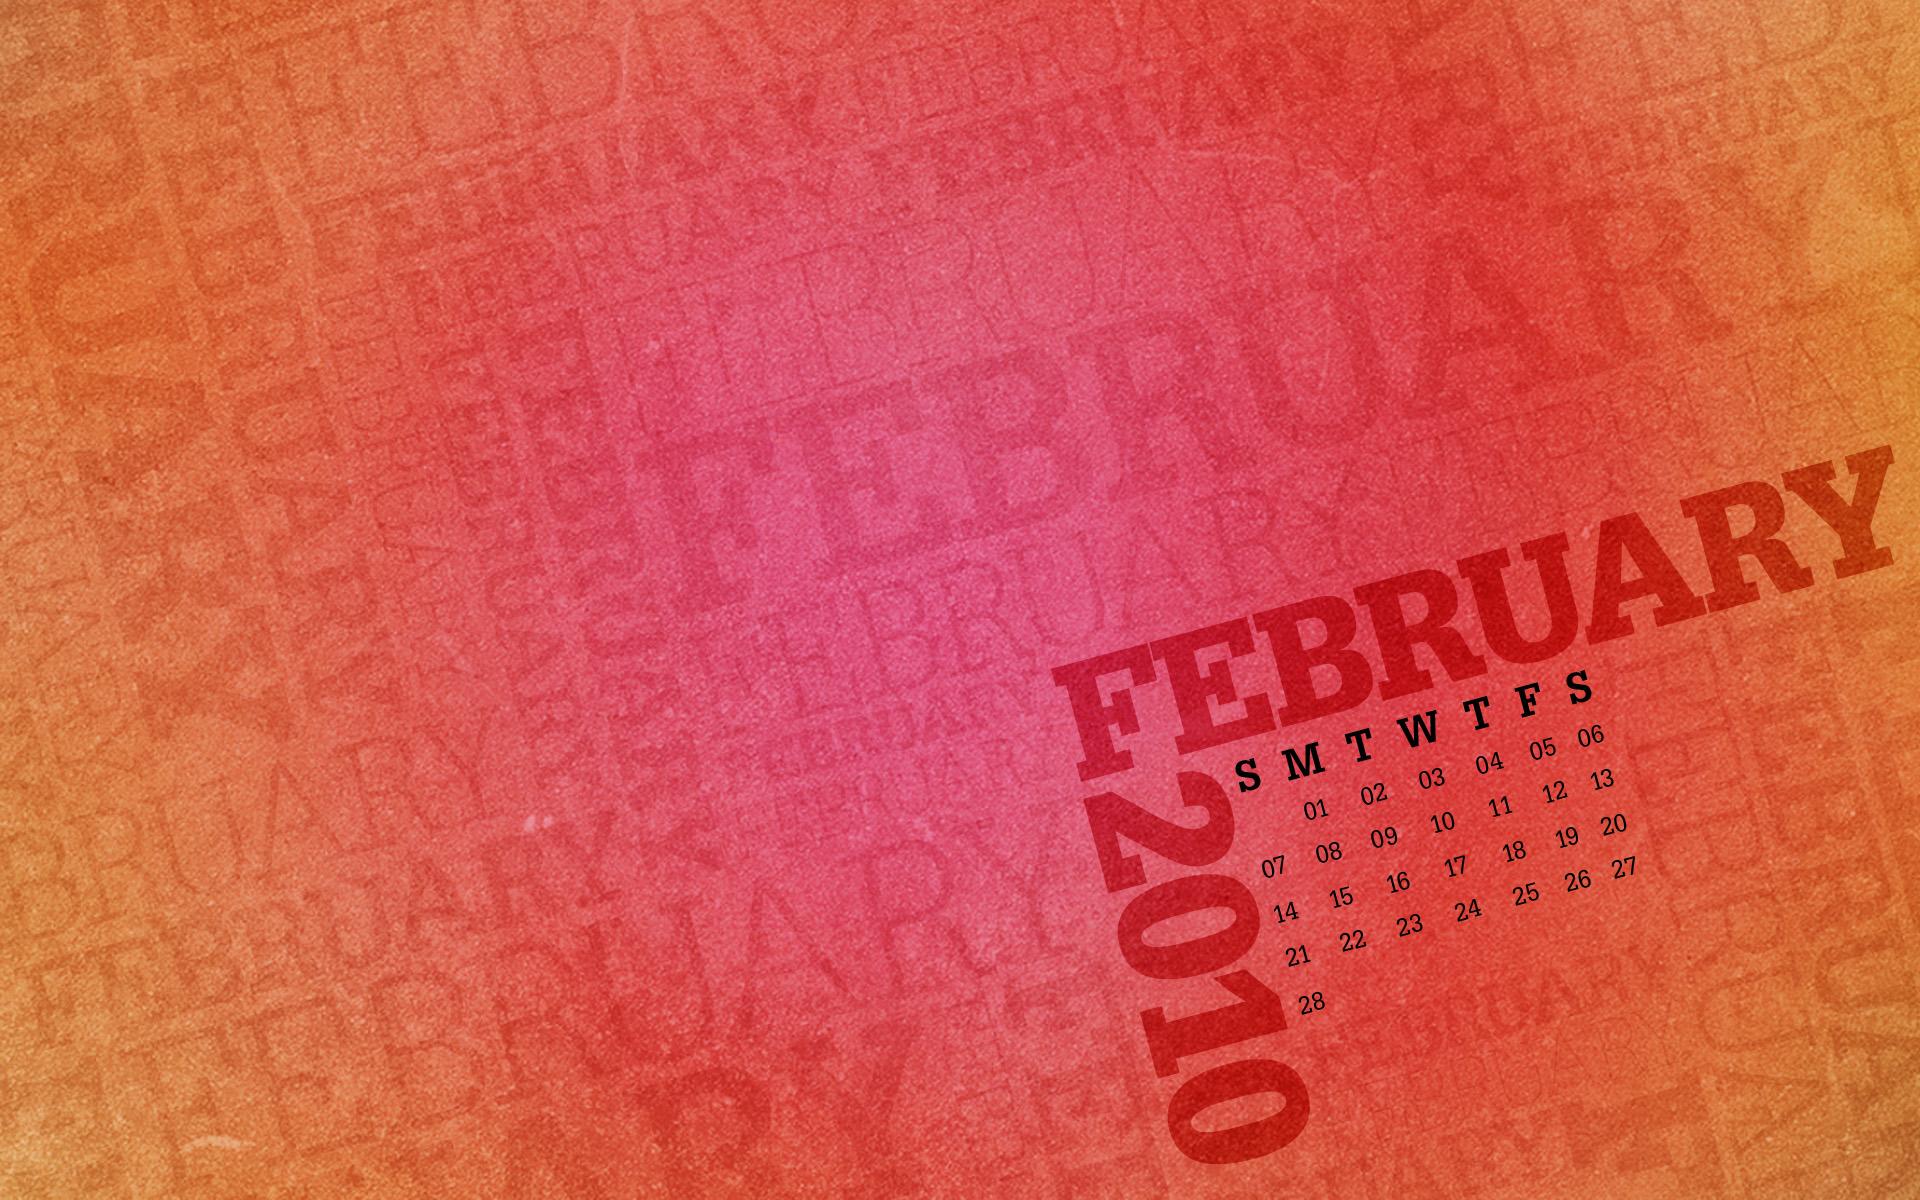 February Wallpaper Calendar wallpaper   78806 1920x1200